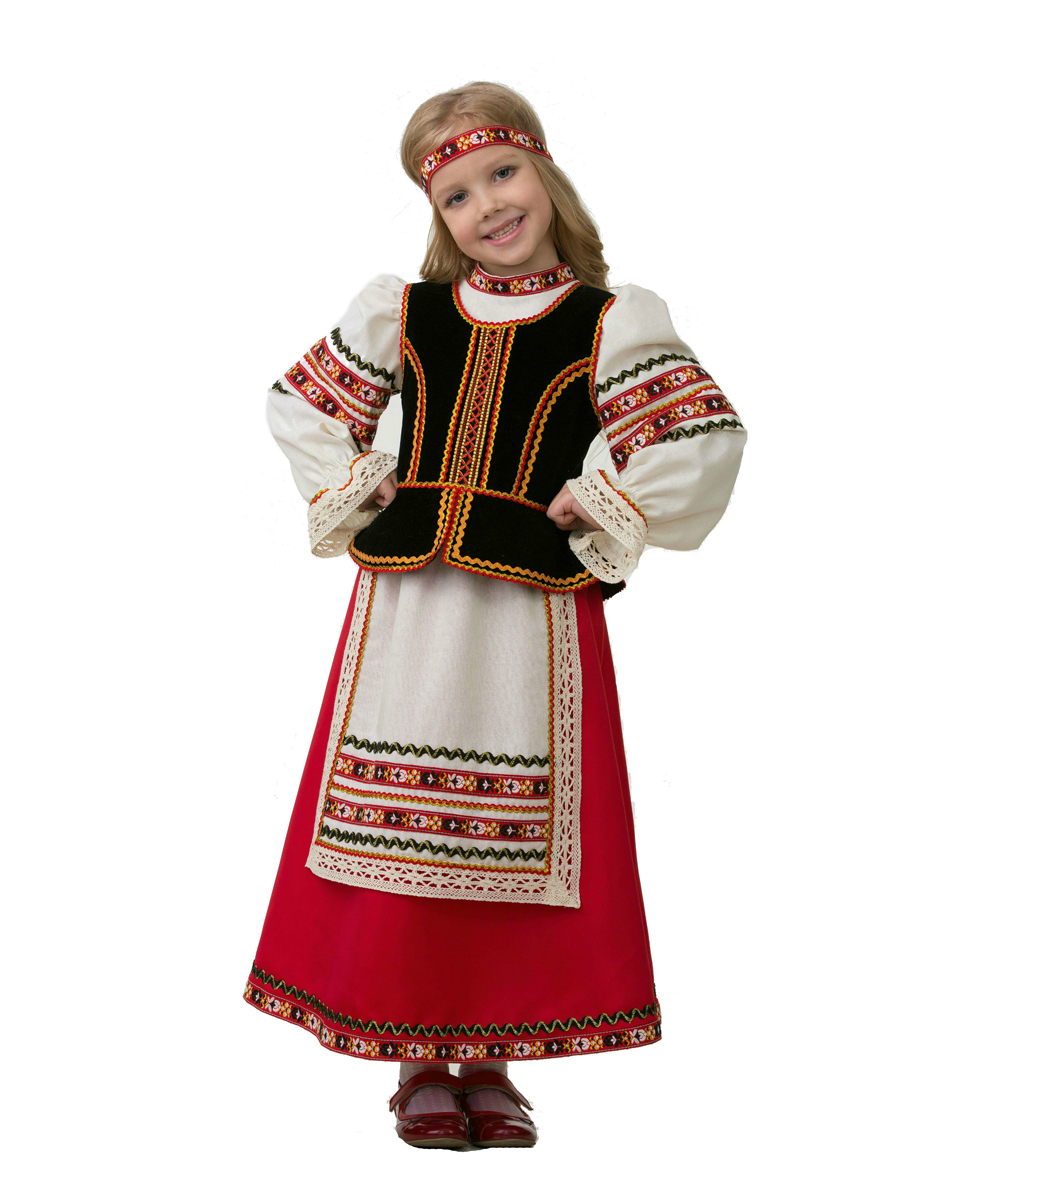 Батик Костюм карнавальный для девочки Славянский костюм размер 34 костюм озорного клоуна детский 32 34